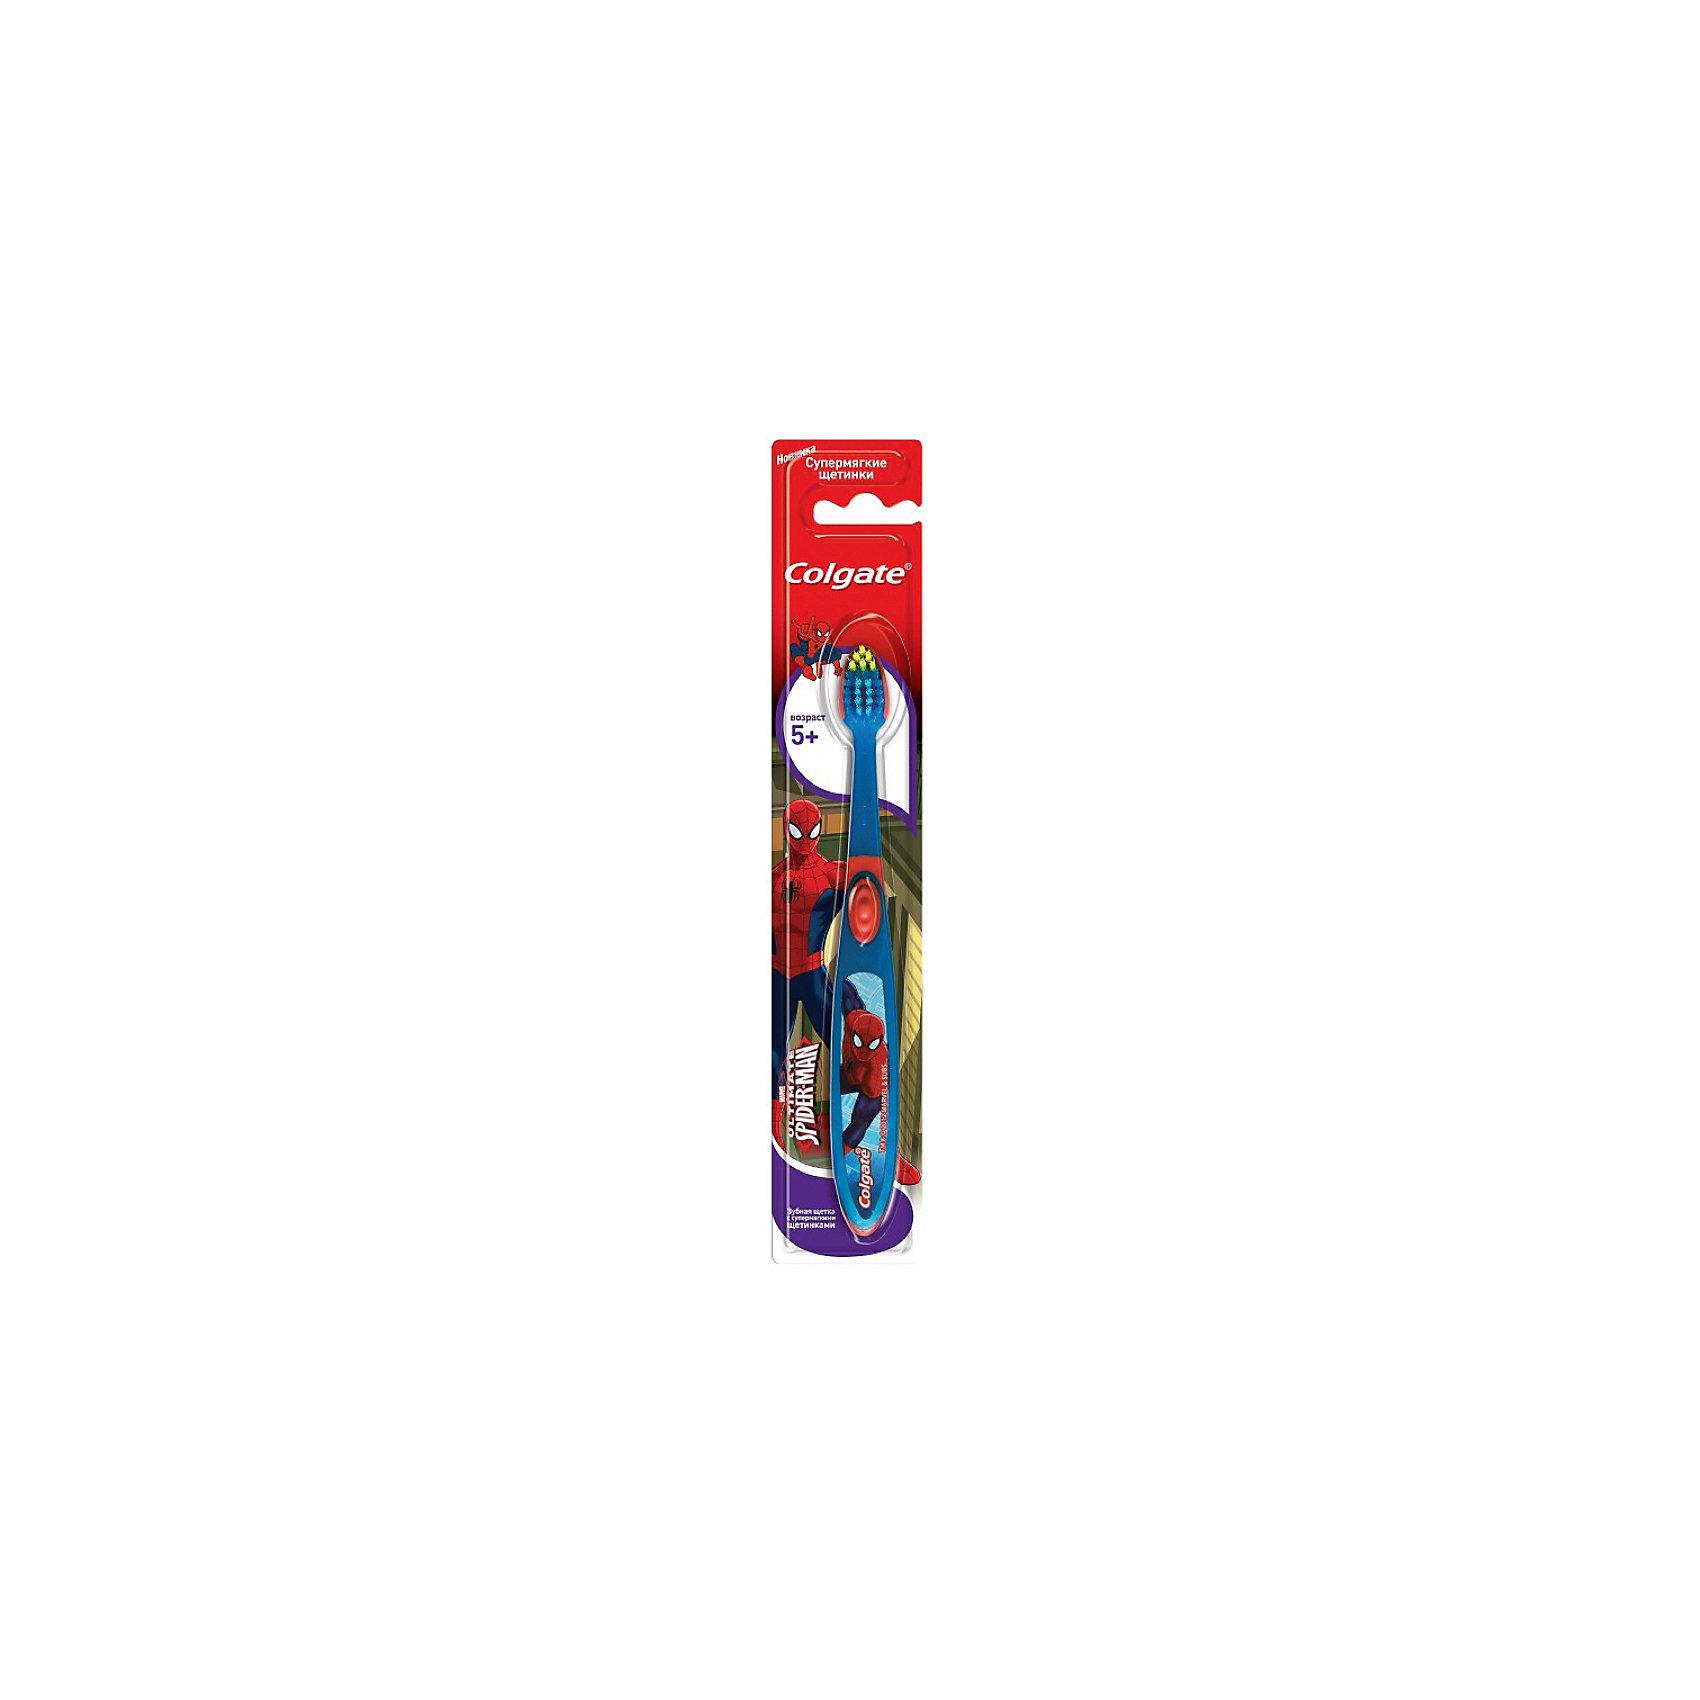 Зубная щётка Смайлс SpiderMan супермягкая для детей старше 5 лет, Colgate, синий/красный